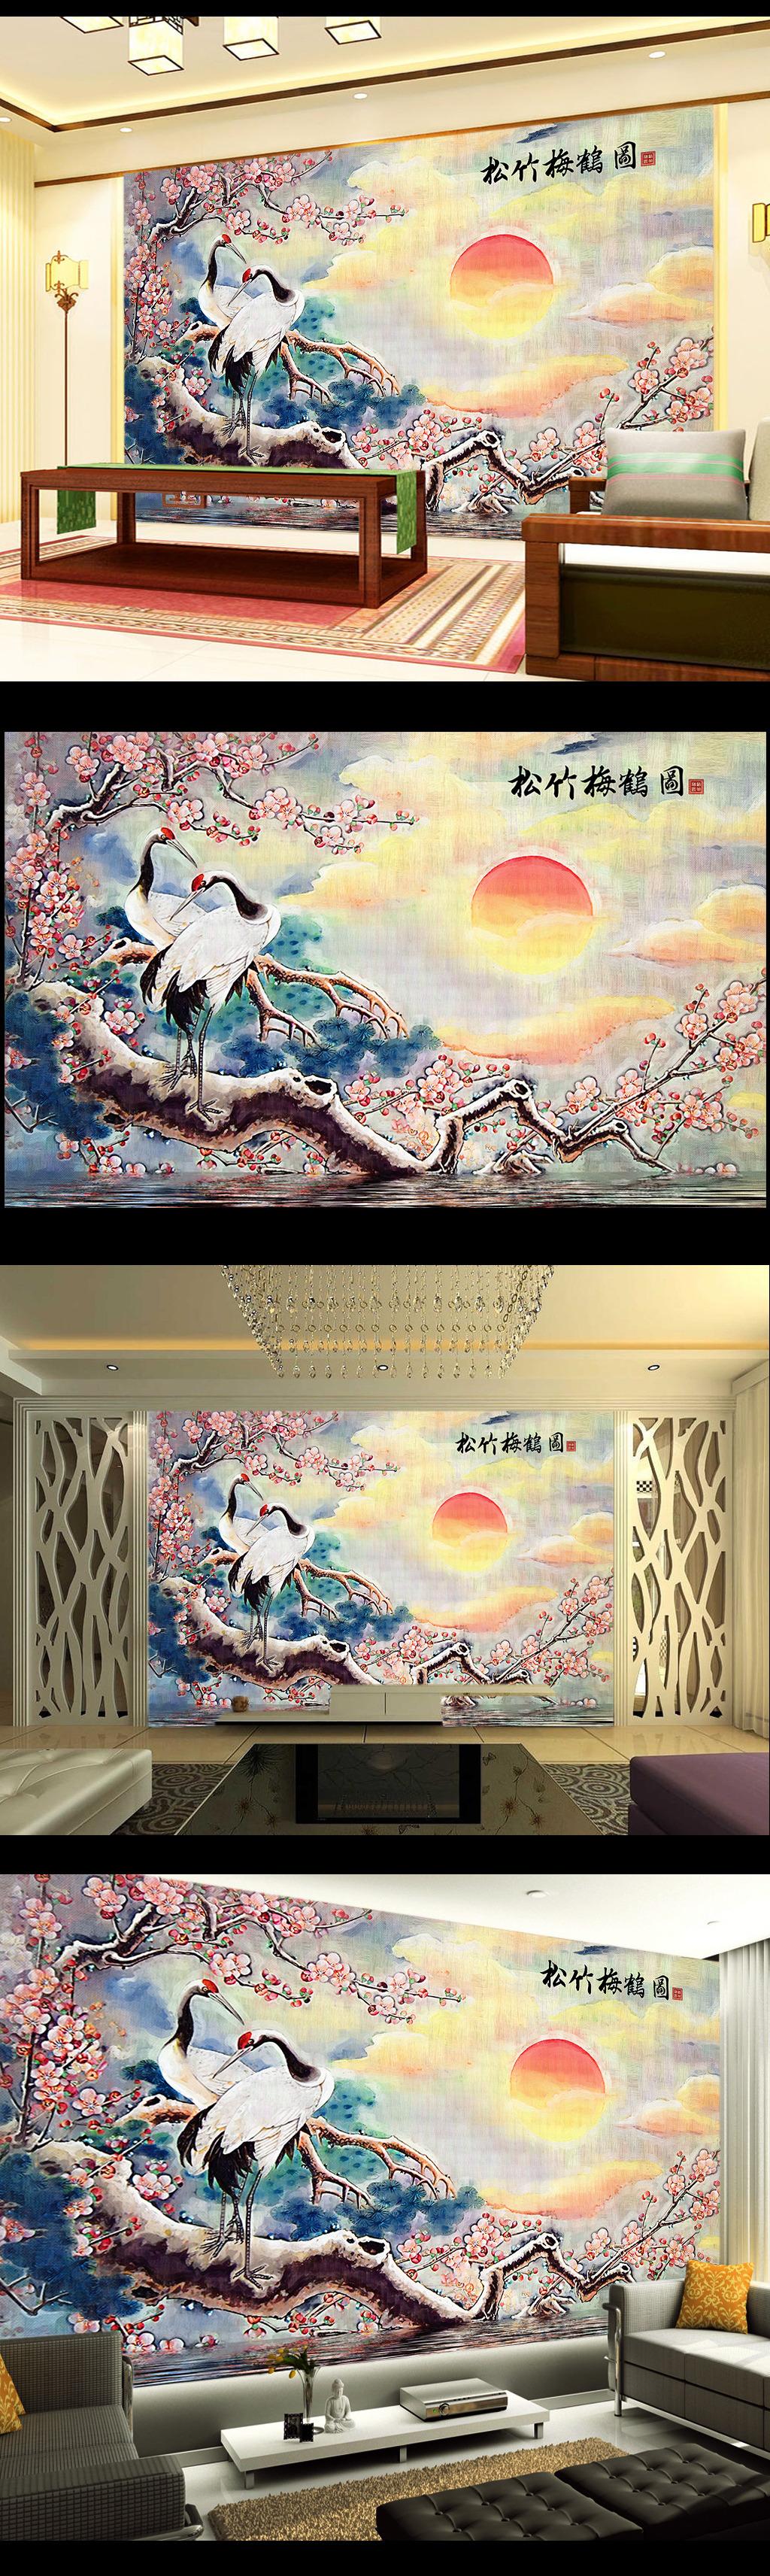 手绘风景画松竹梅鹤图电视背景墙装饰画